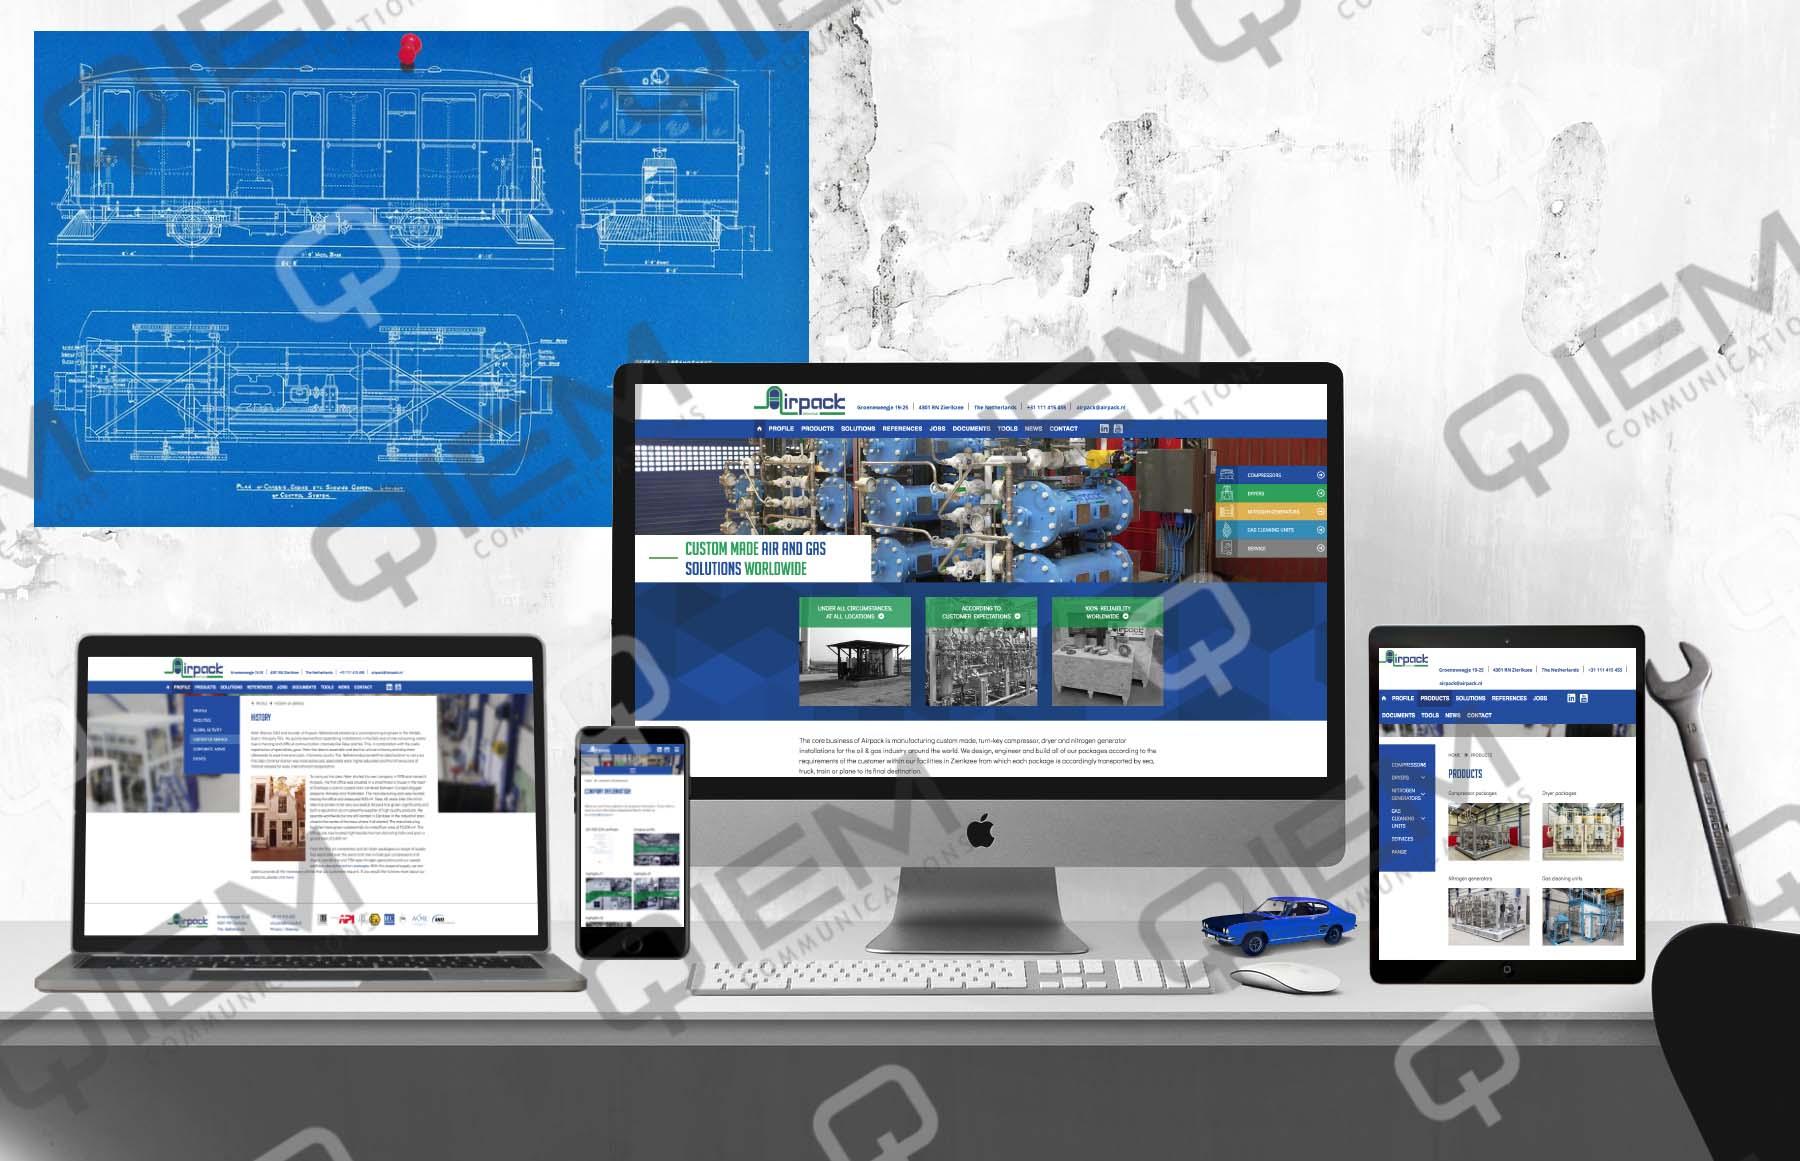 04-28 airpack WEBSITE foto